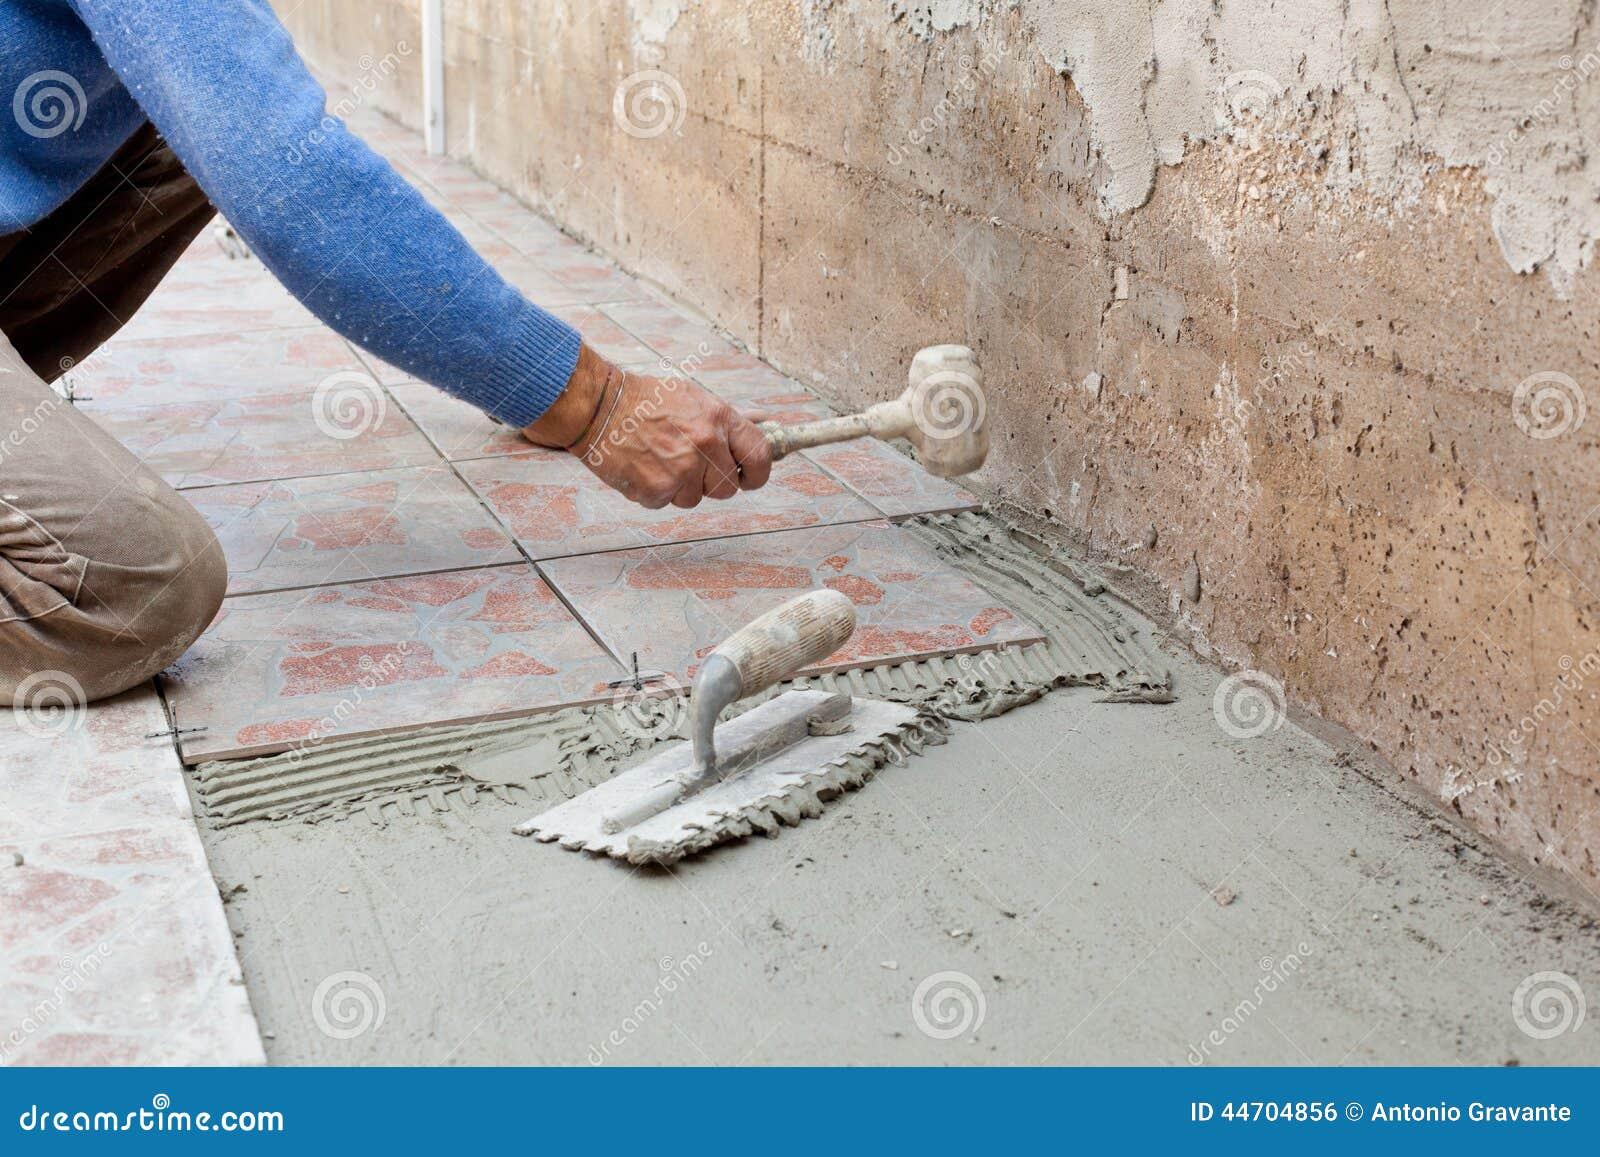 Il piastrellista lavora con la pavimentazione fotografia stock immagine di taglio costruttore - Piastrellista prezzi ...